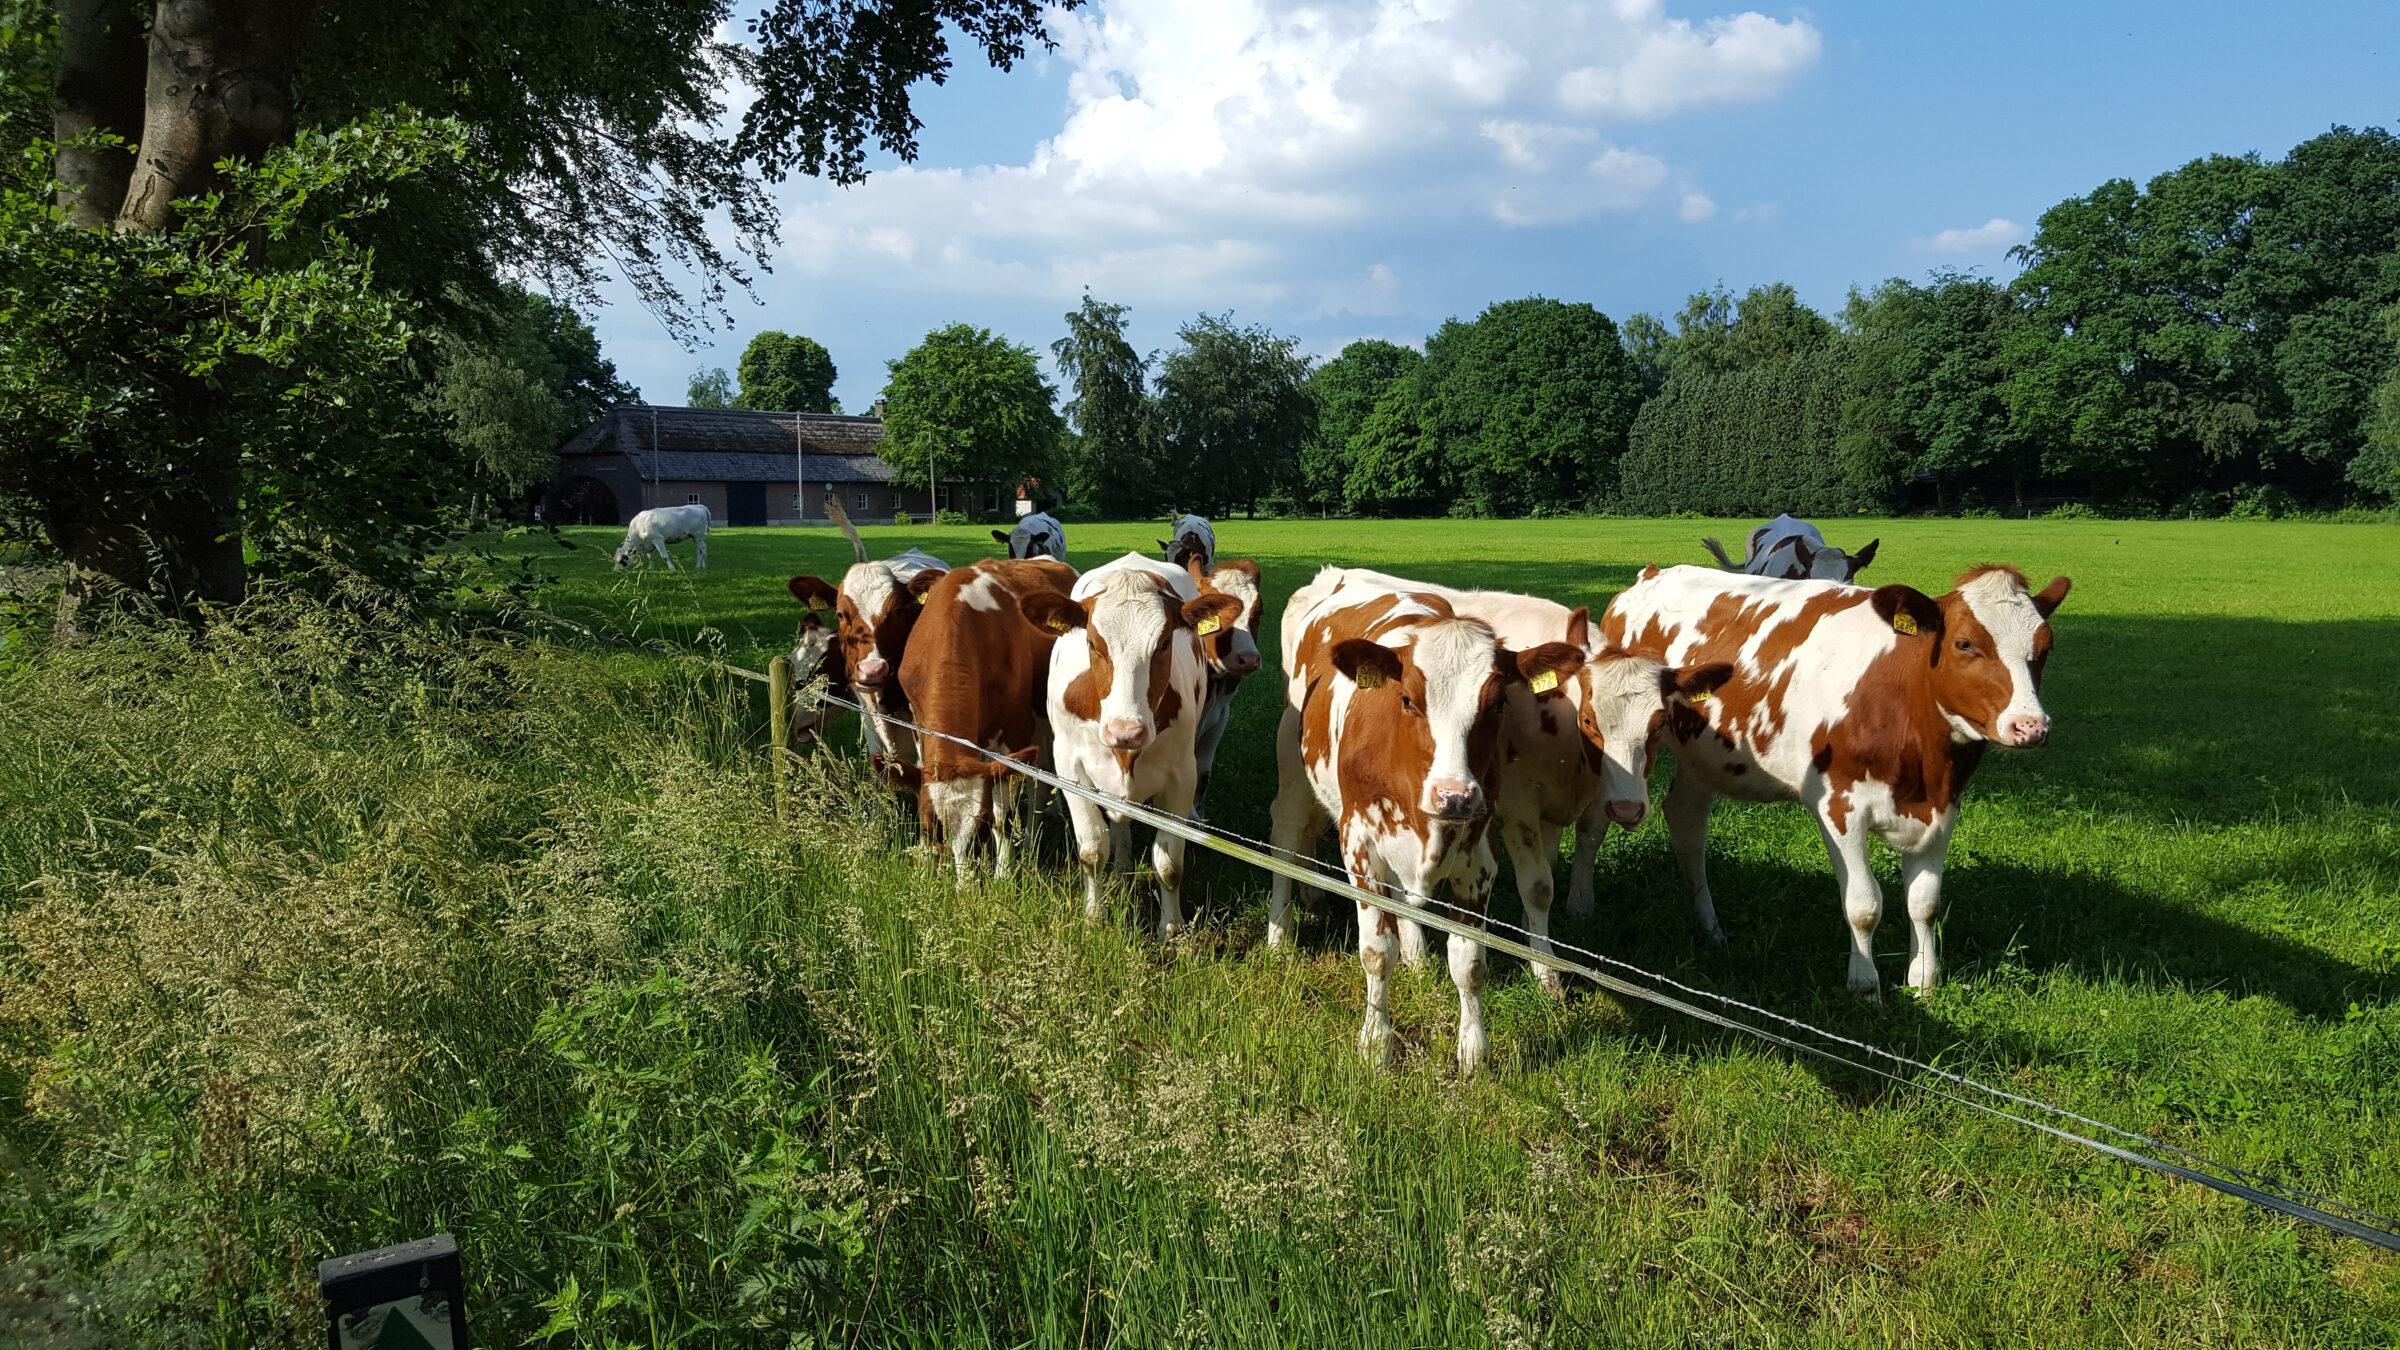 De Brabantse Biodiversiteitsmonitor Melkveehouderij draagt bij aan de kwaliteit van de omgeving